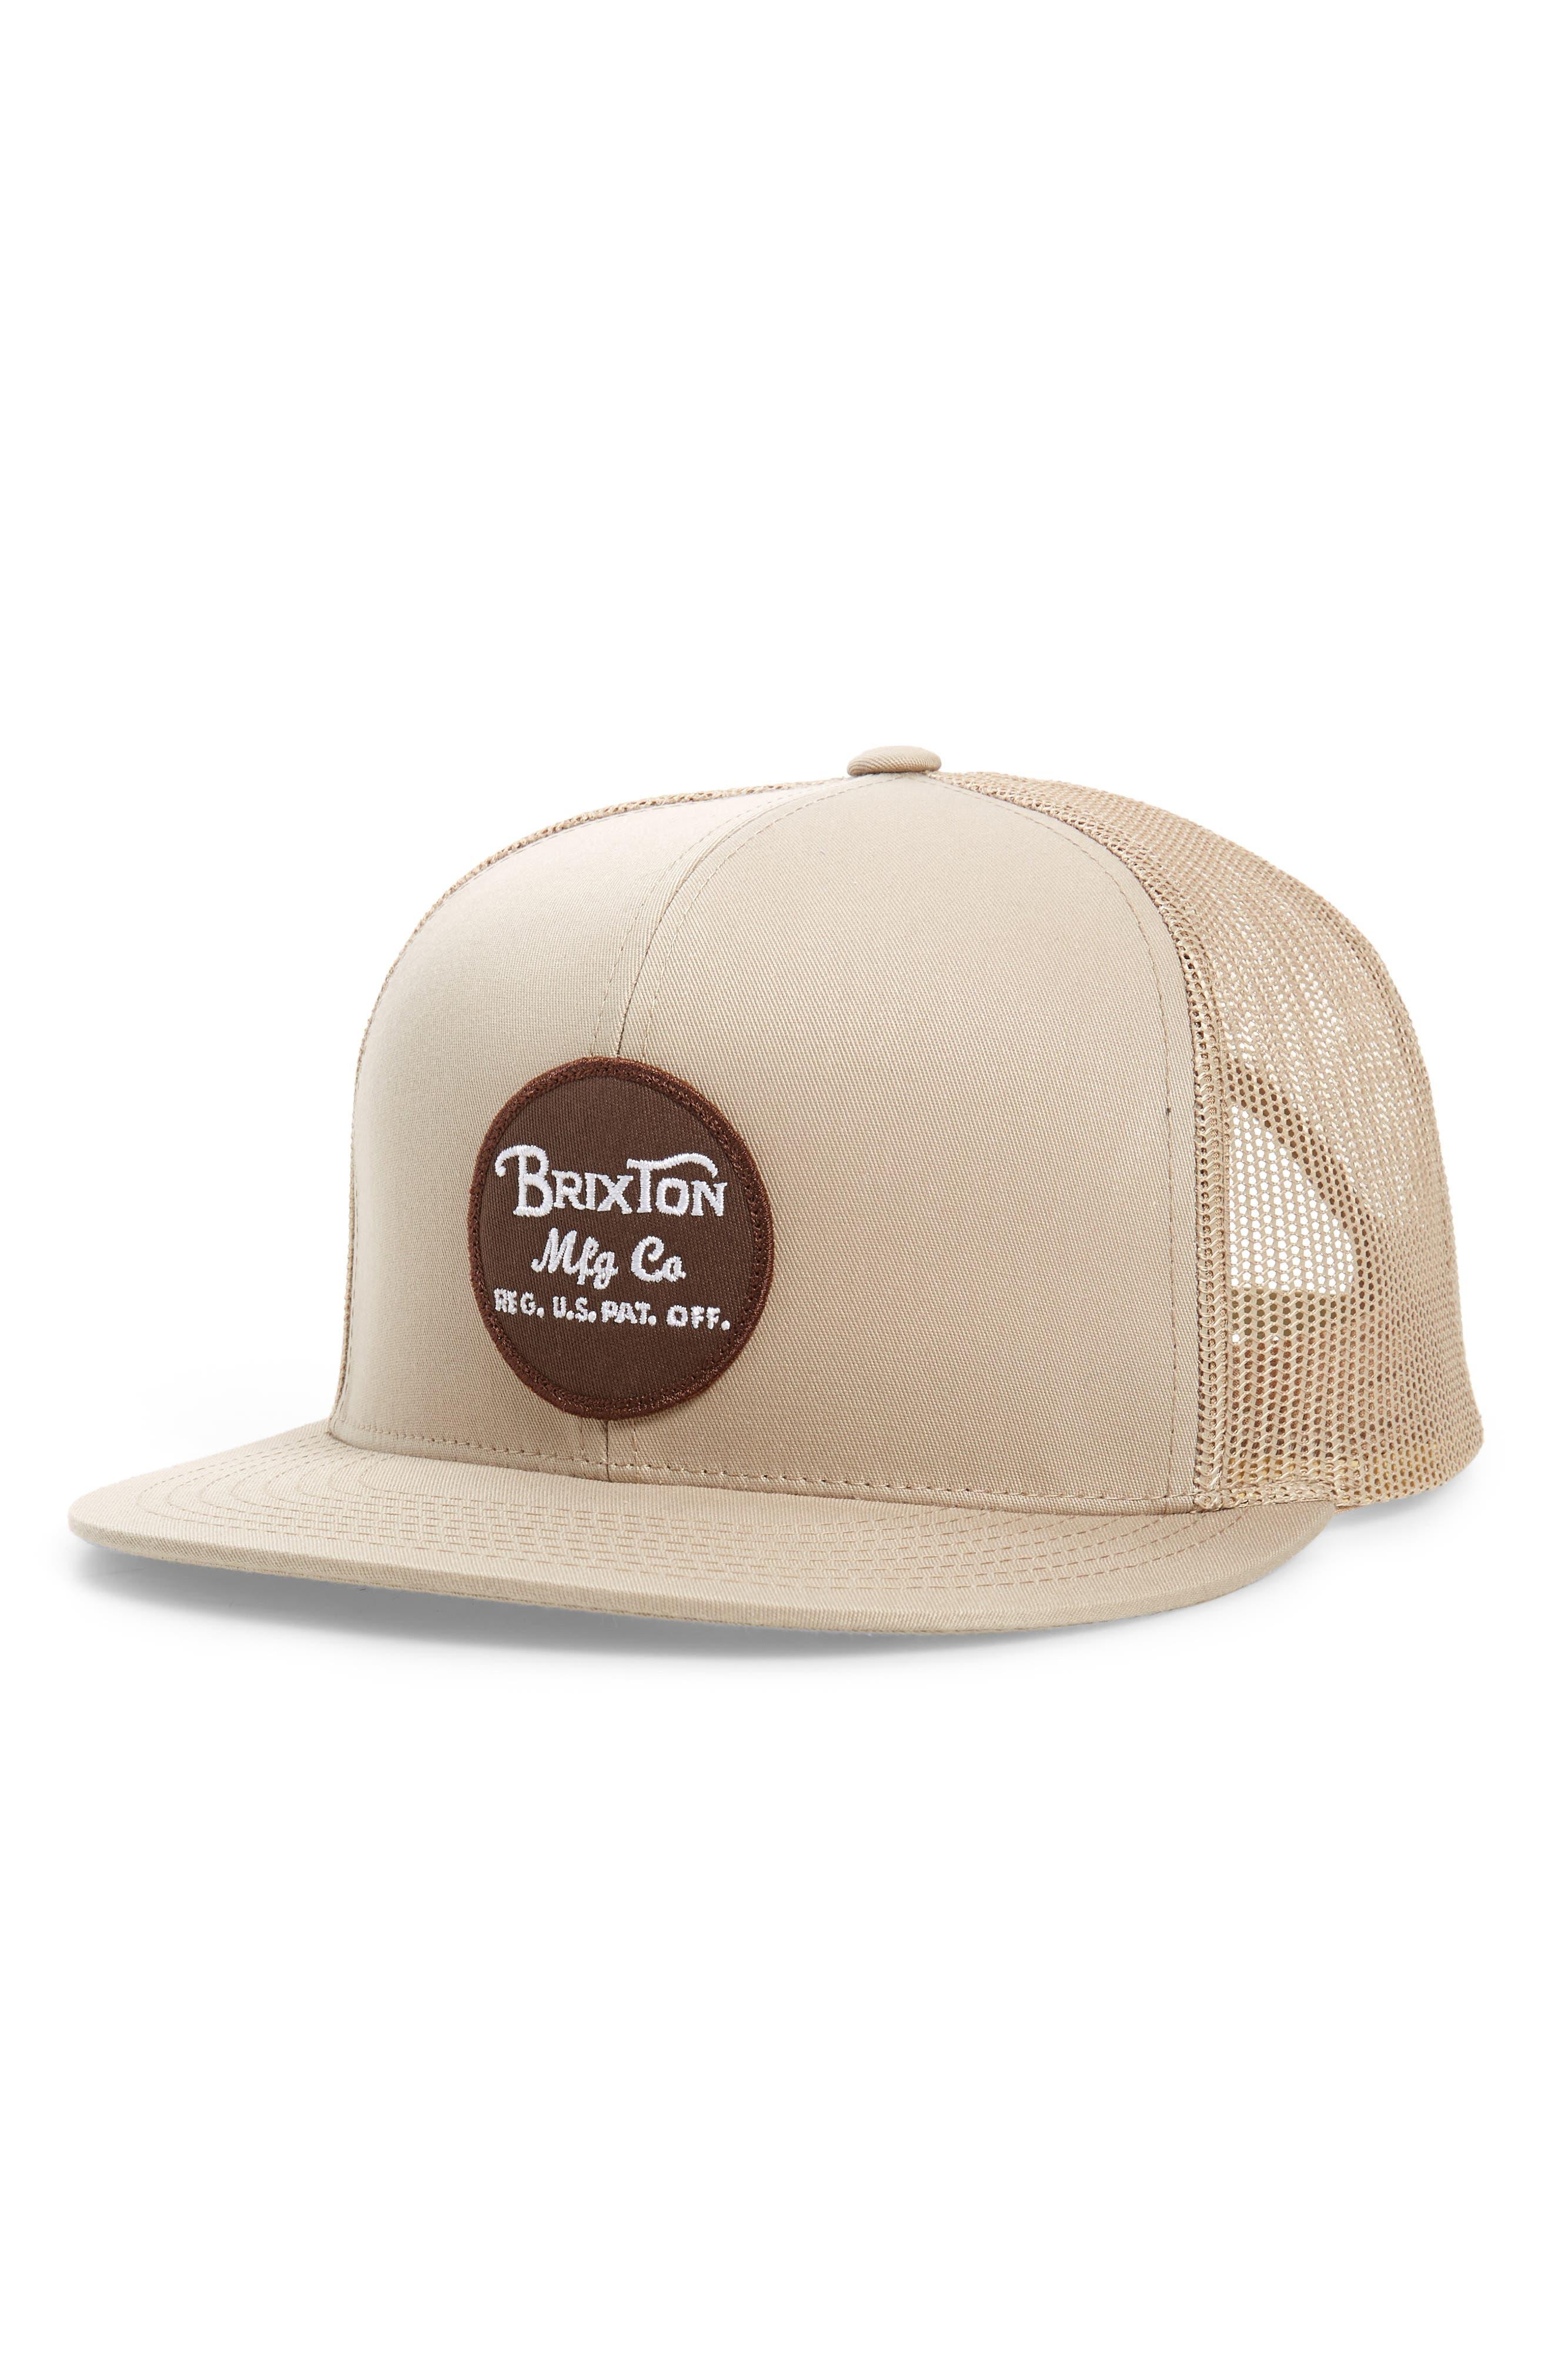 de386b69 Brixton Baseball Hats for Men & Dad Hats | Nordstrom